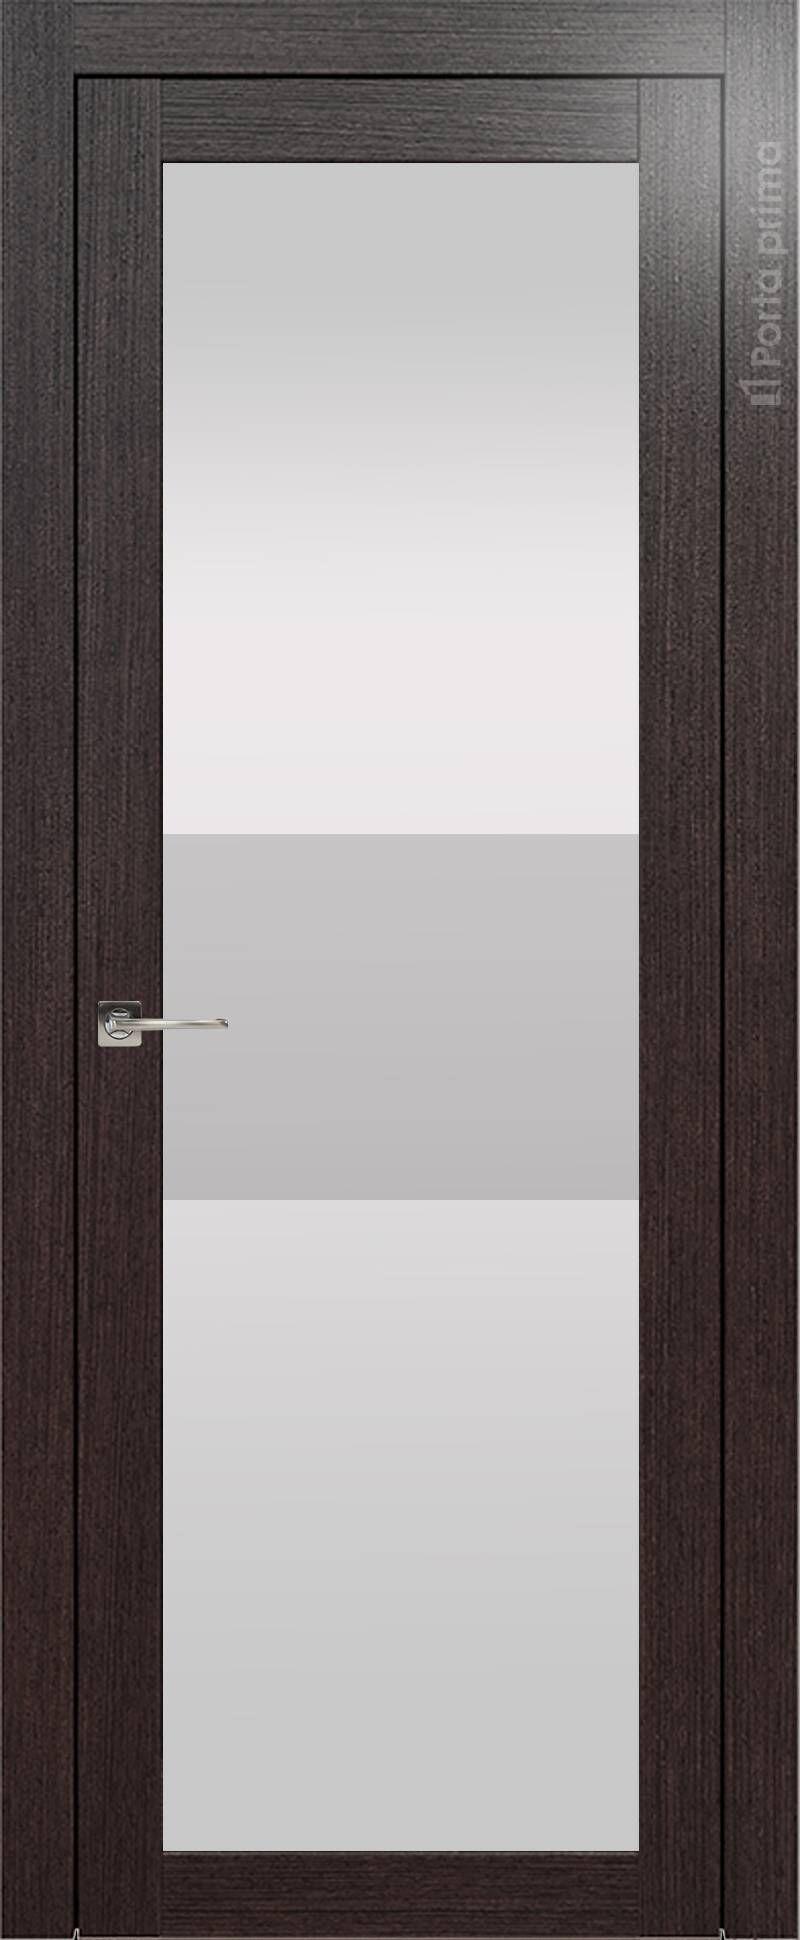 Tivoli З-4 цвет - Венге Шоколад Со стеклом (ДО)